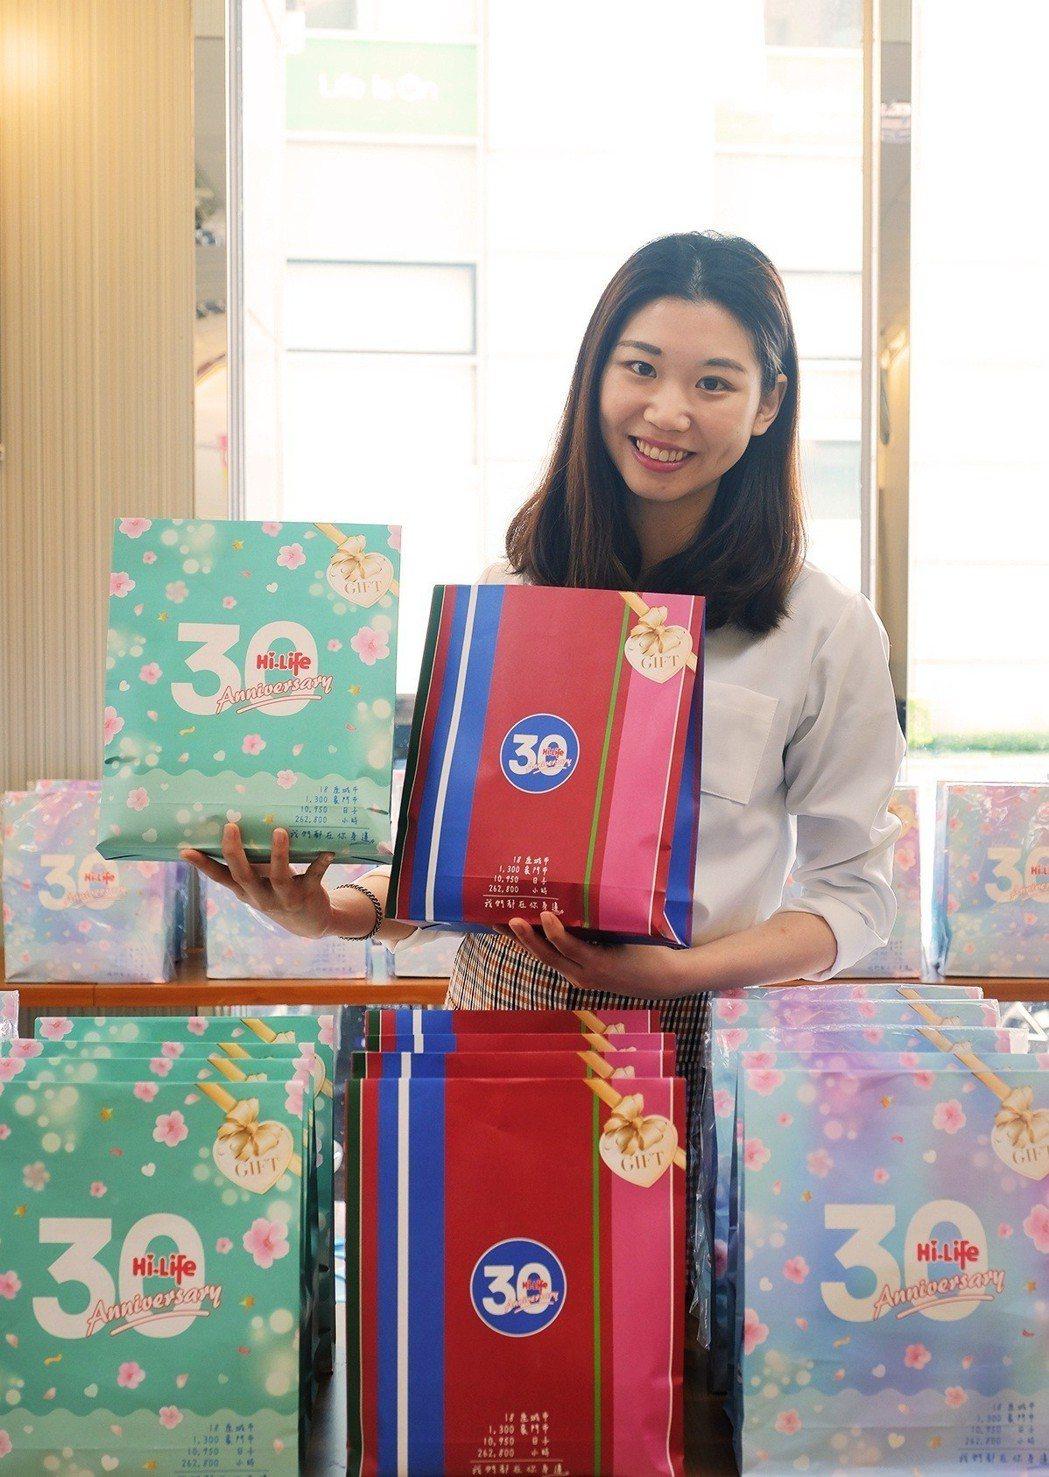 萊爾富即日起至5月7日推出全台限量90萬份的「30周年禮物袋」,每袋售價100元...